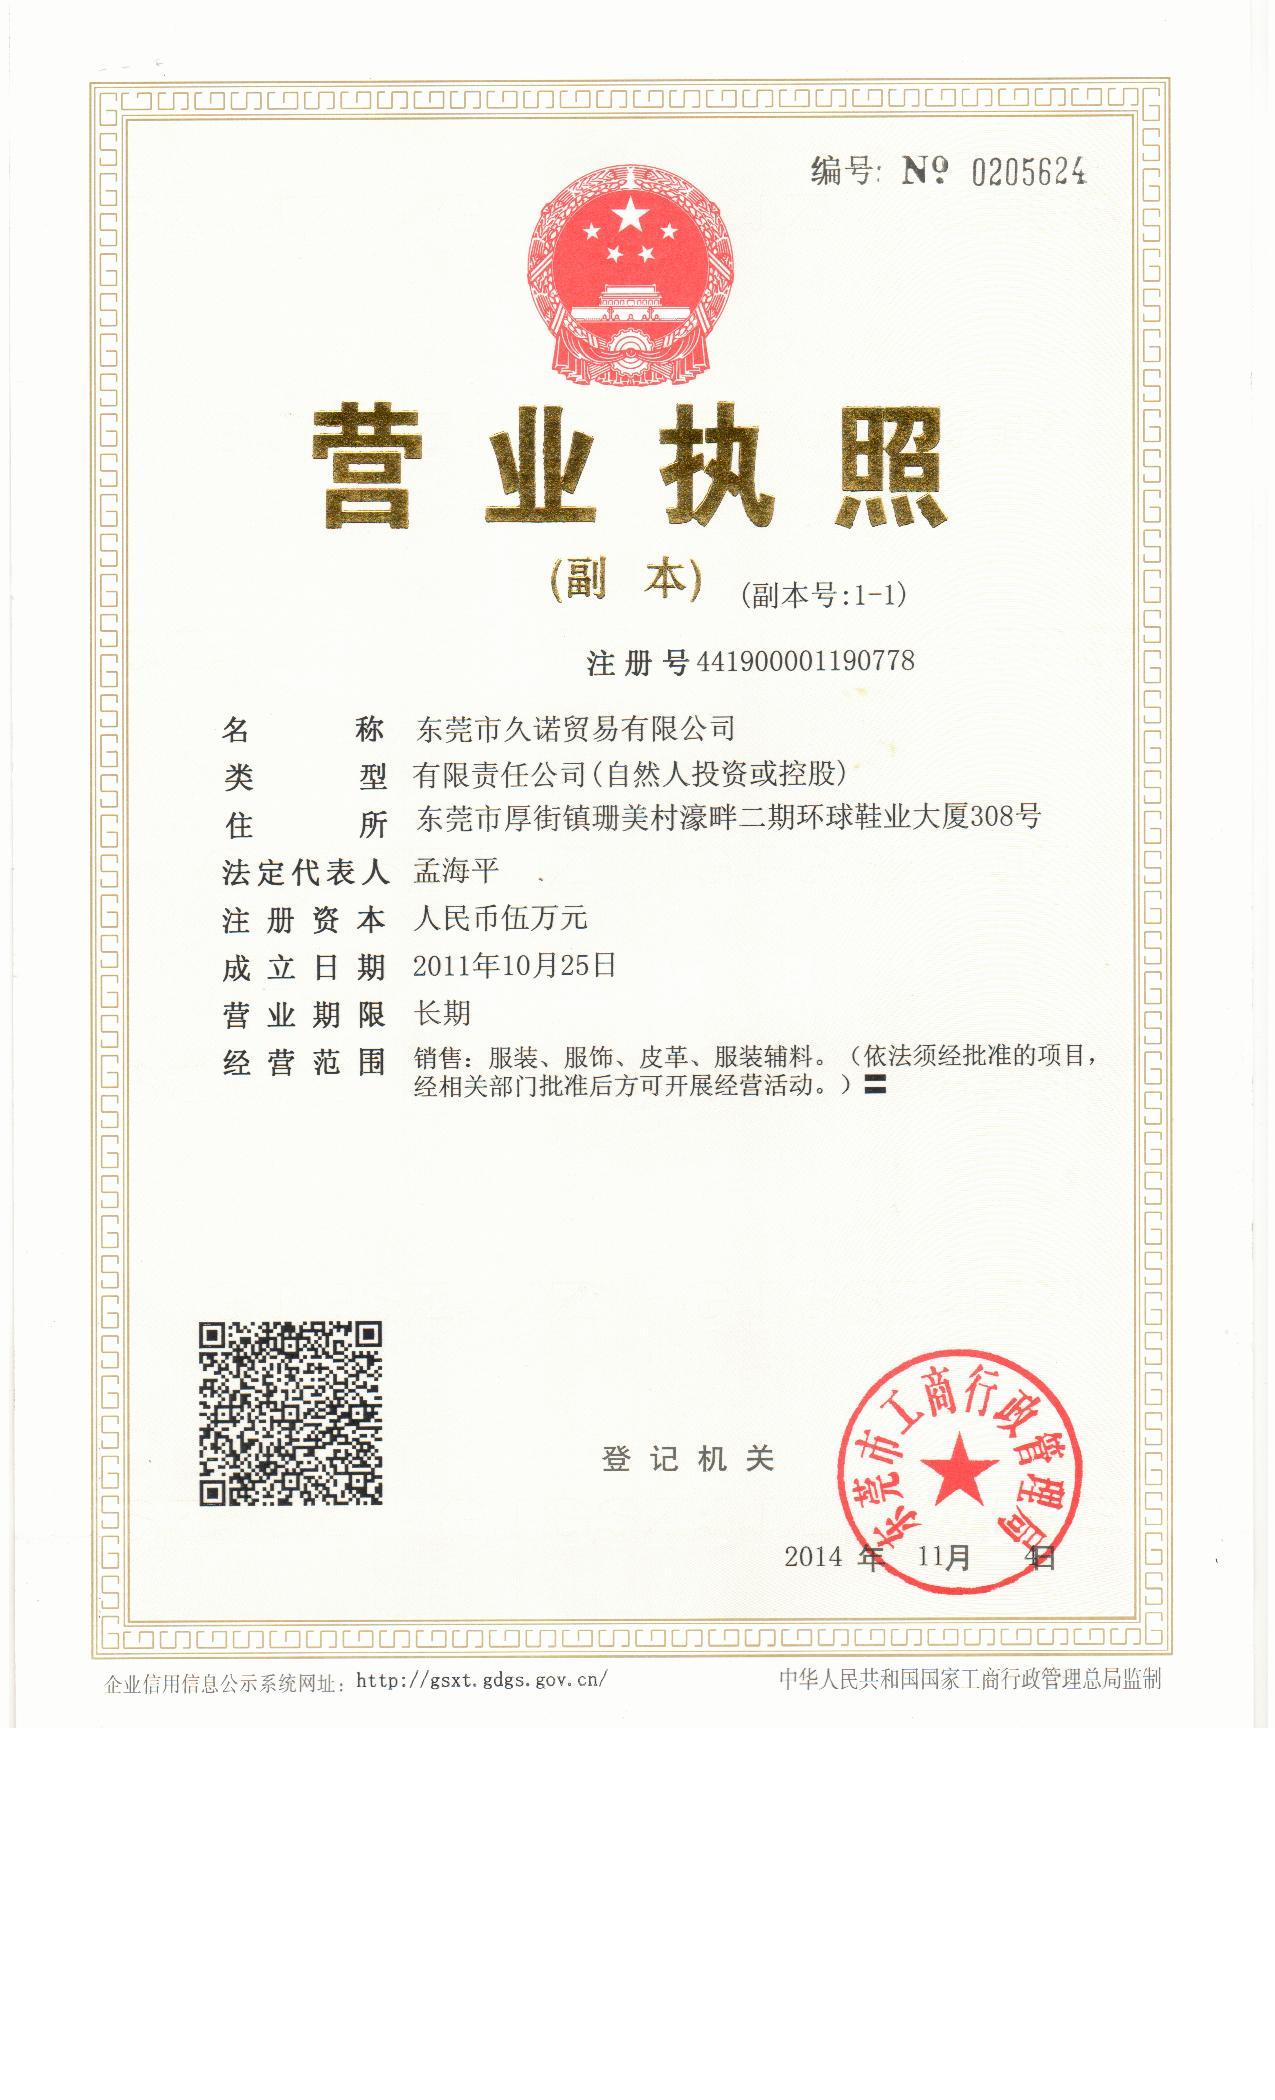 东莞市久诺贸易有限公司企业档案